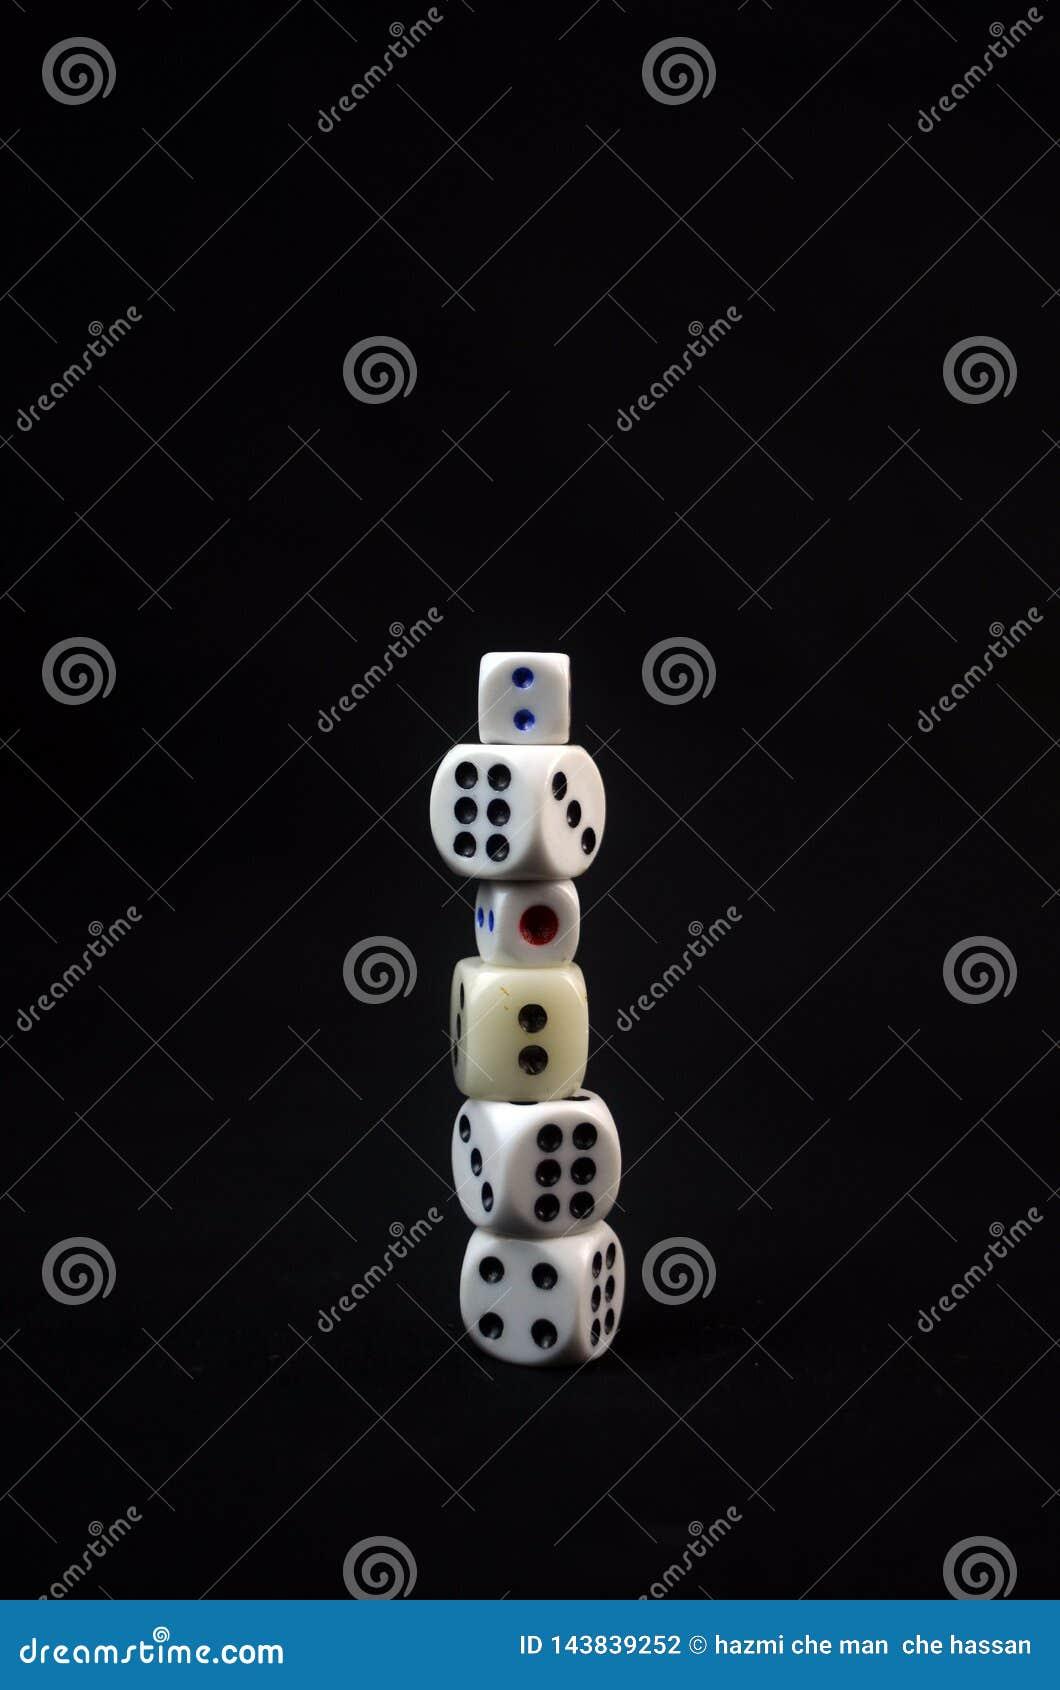 Kawałki białe kostki do gry na czarnym tle